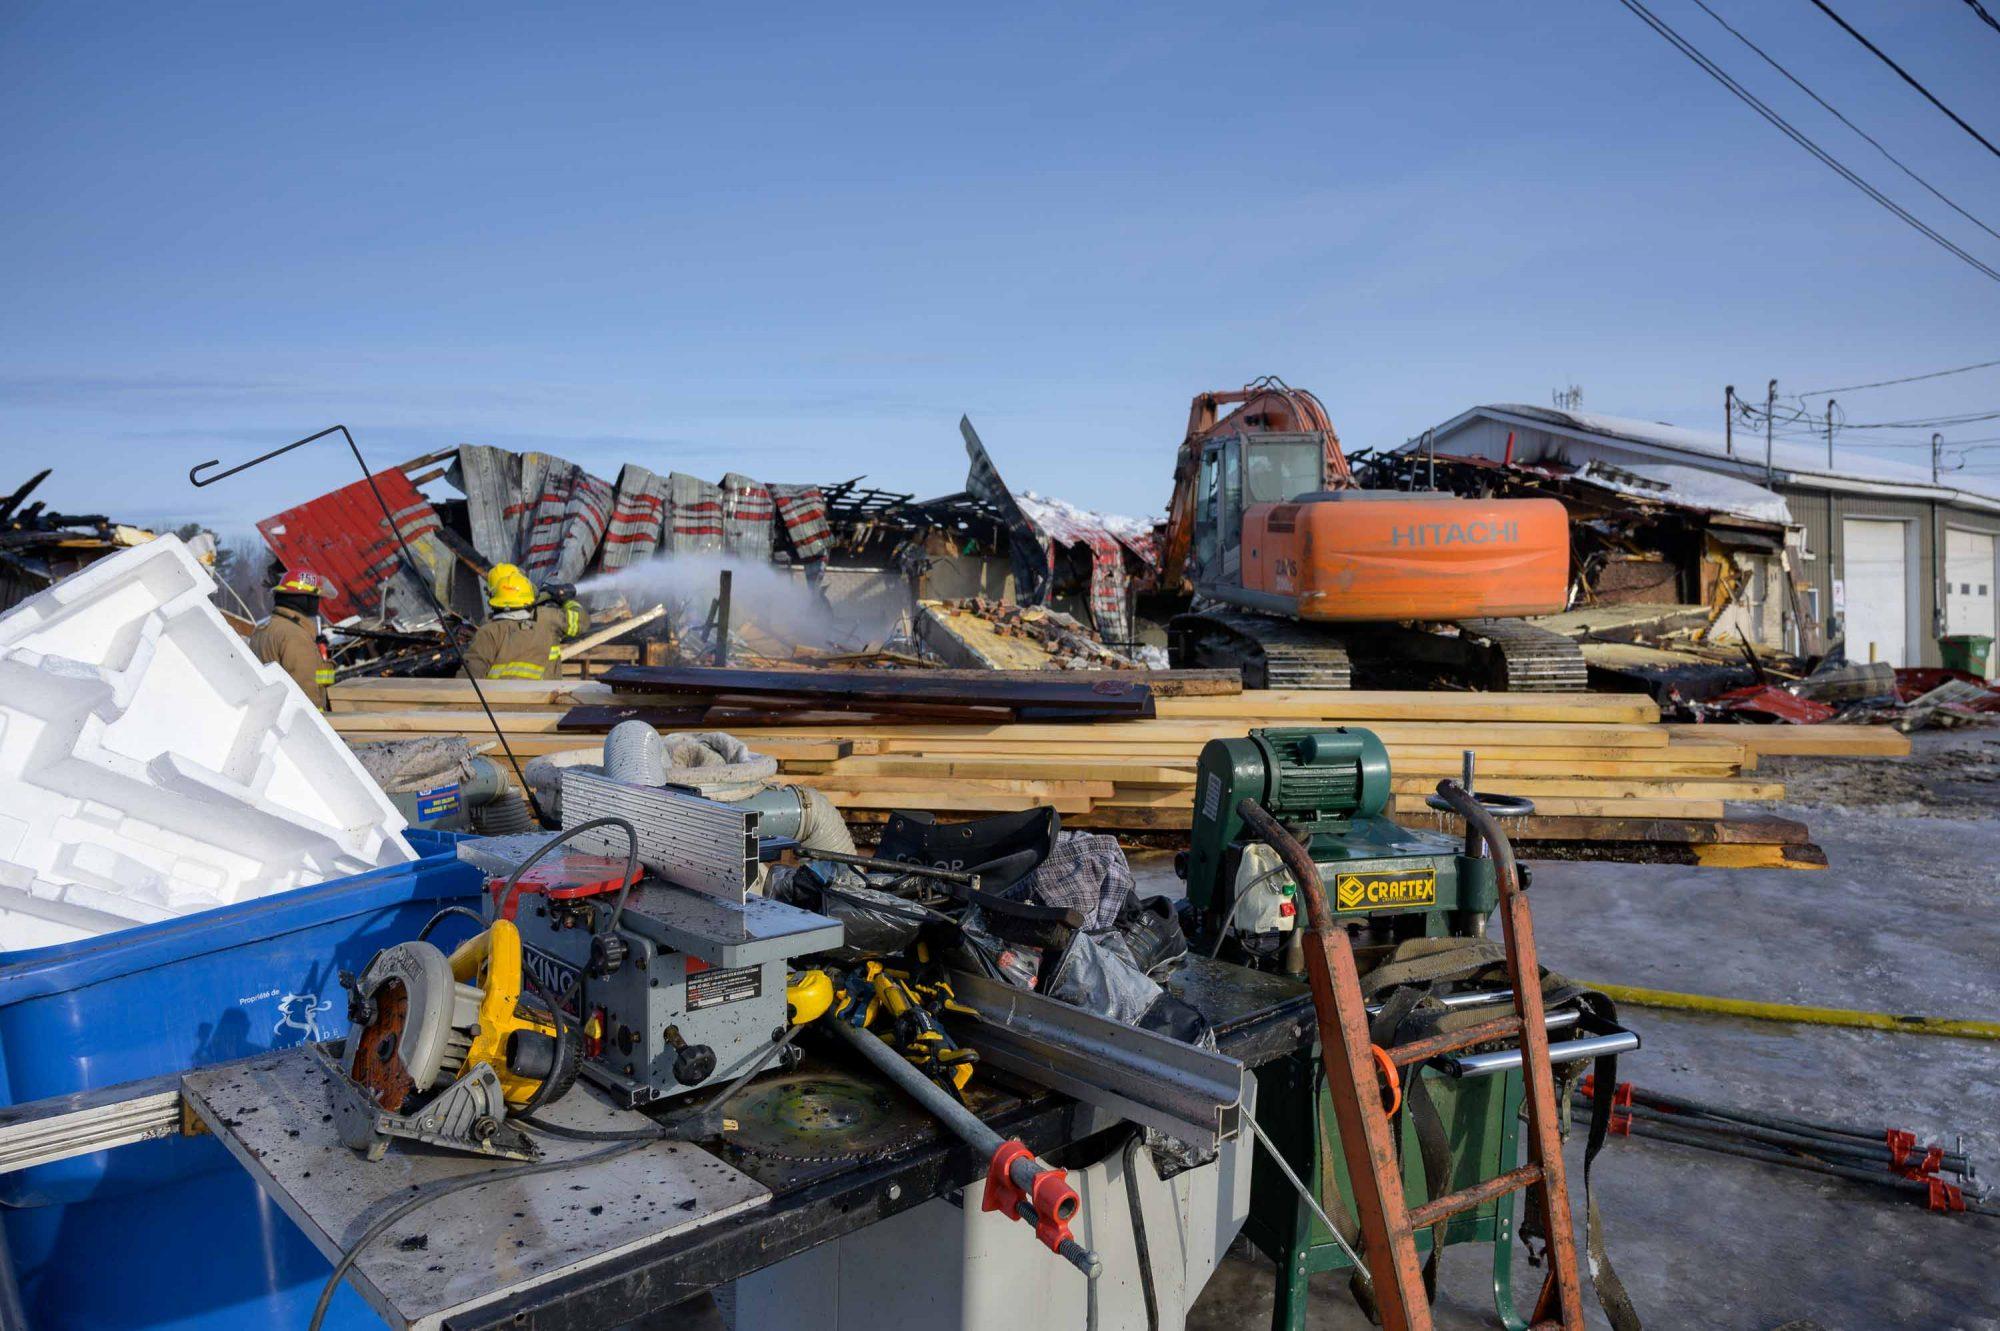 Les pompiers ont réussi à extraire une bonne partie des équipements d'ébénisterie de l'occupant de l'édifice ainsi qu'une certaine quantité de bois.